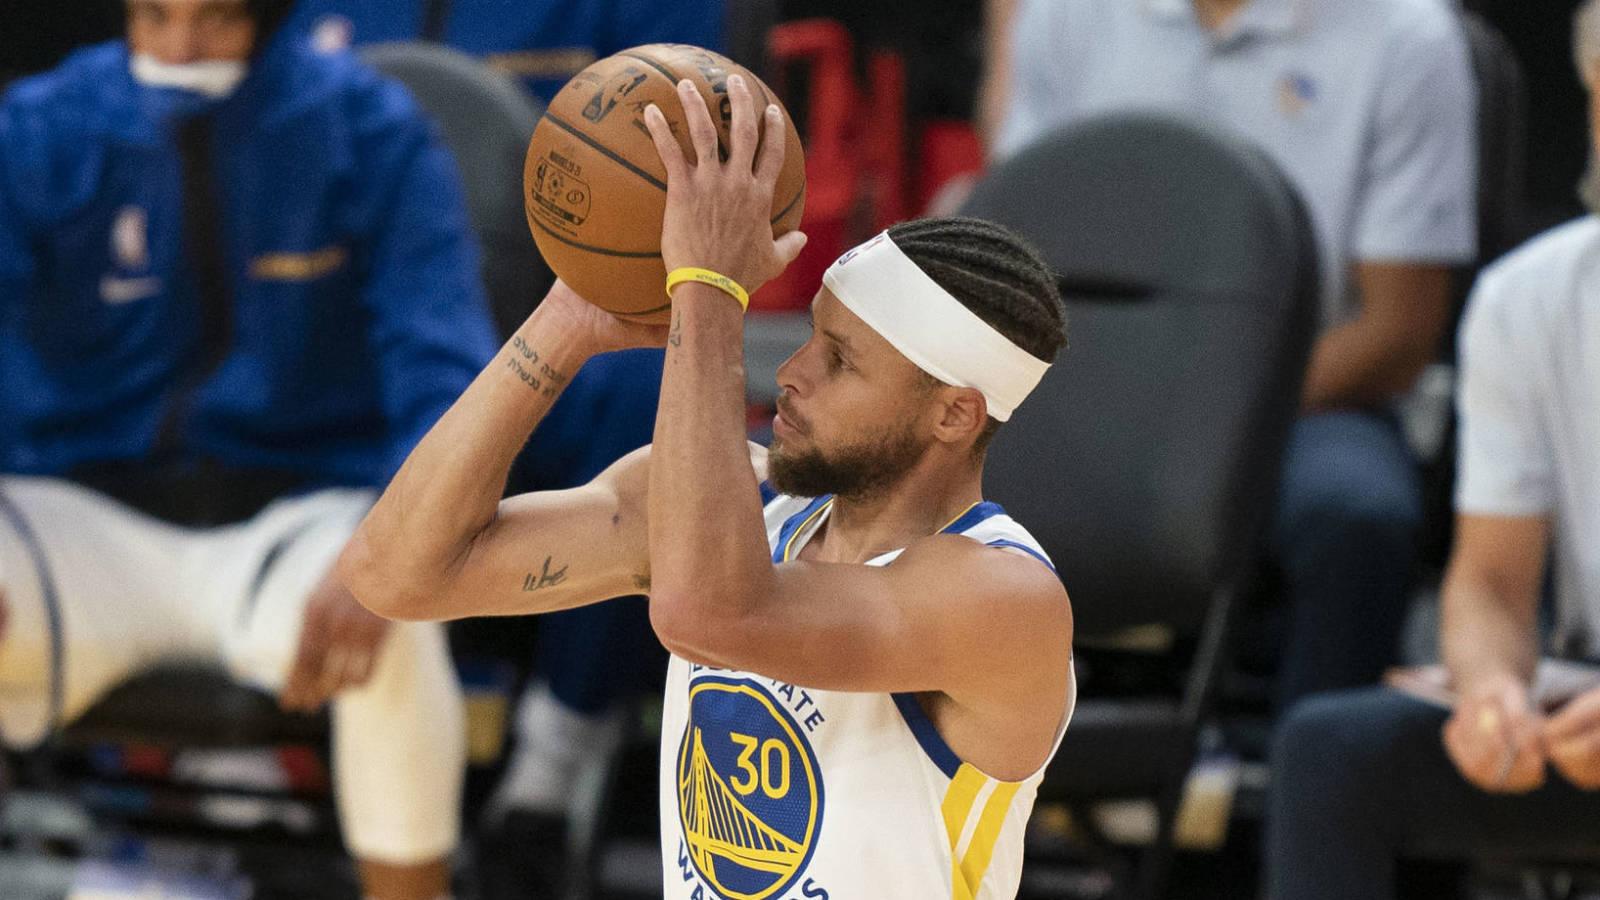 復出首秀有待調整!Curry上陣21分鐘外線僅7中2,玩看台遠投耗盡手感?(影)